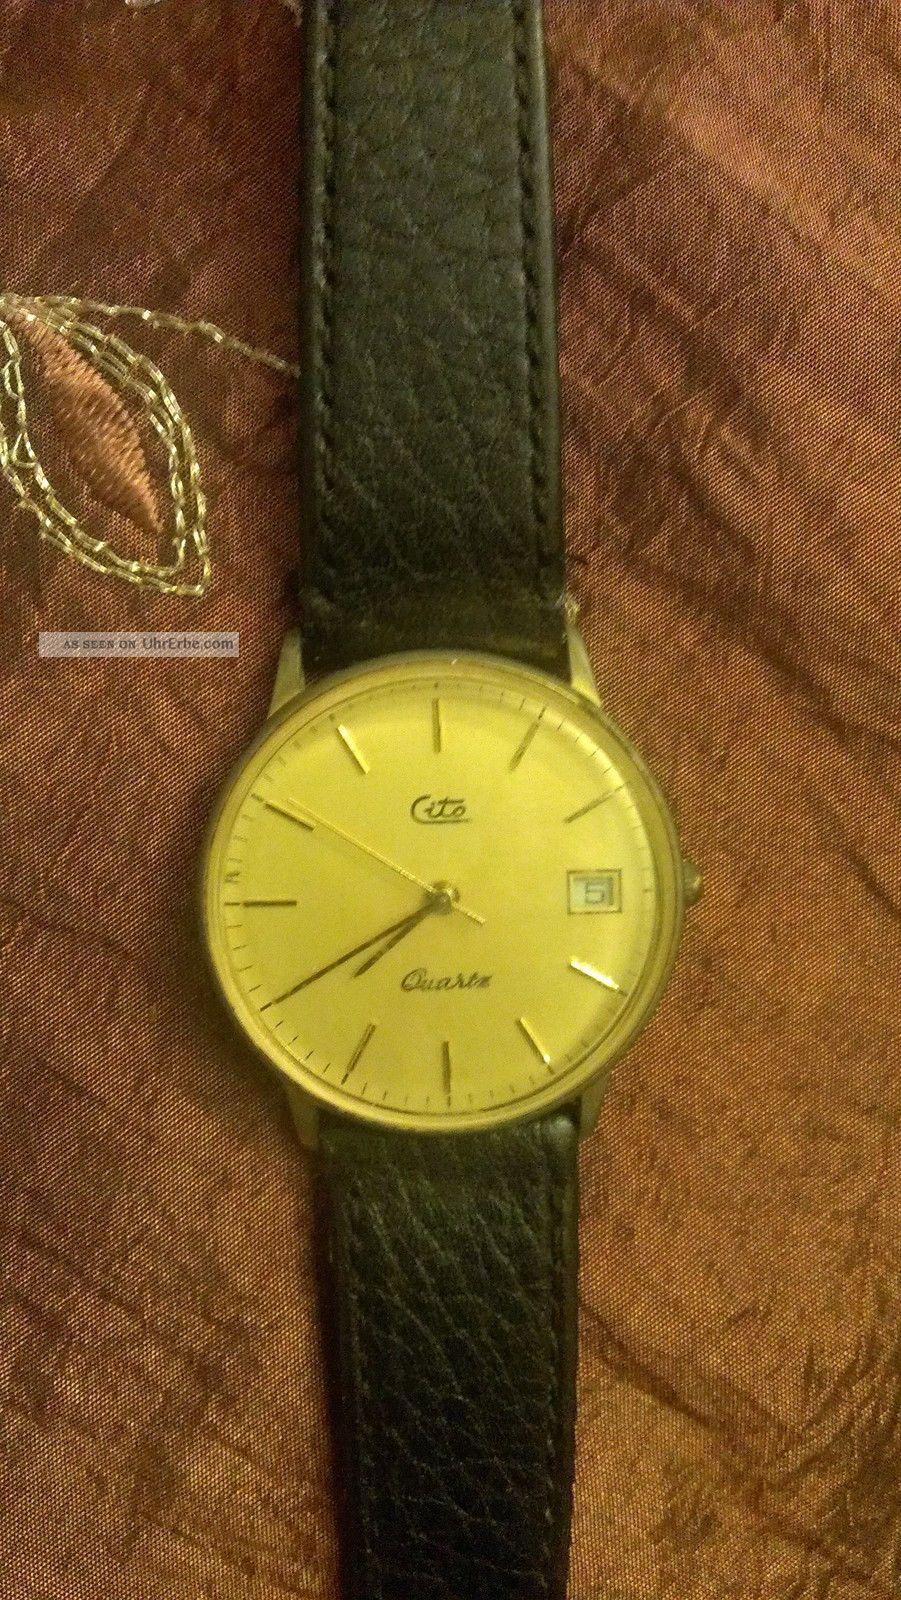 Cito Armbanduhr - Goldenes Zifferblatt - Braunes Armband Mit Datum Armbanduhren Bild